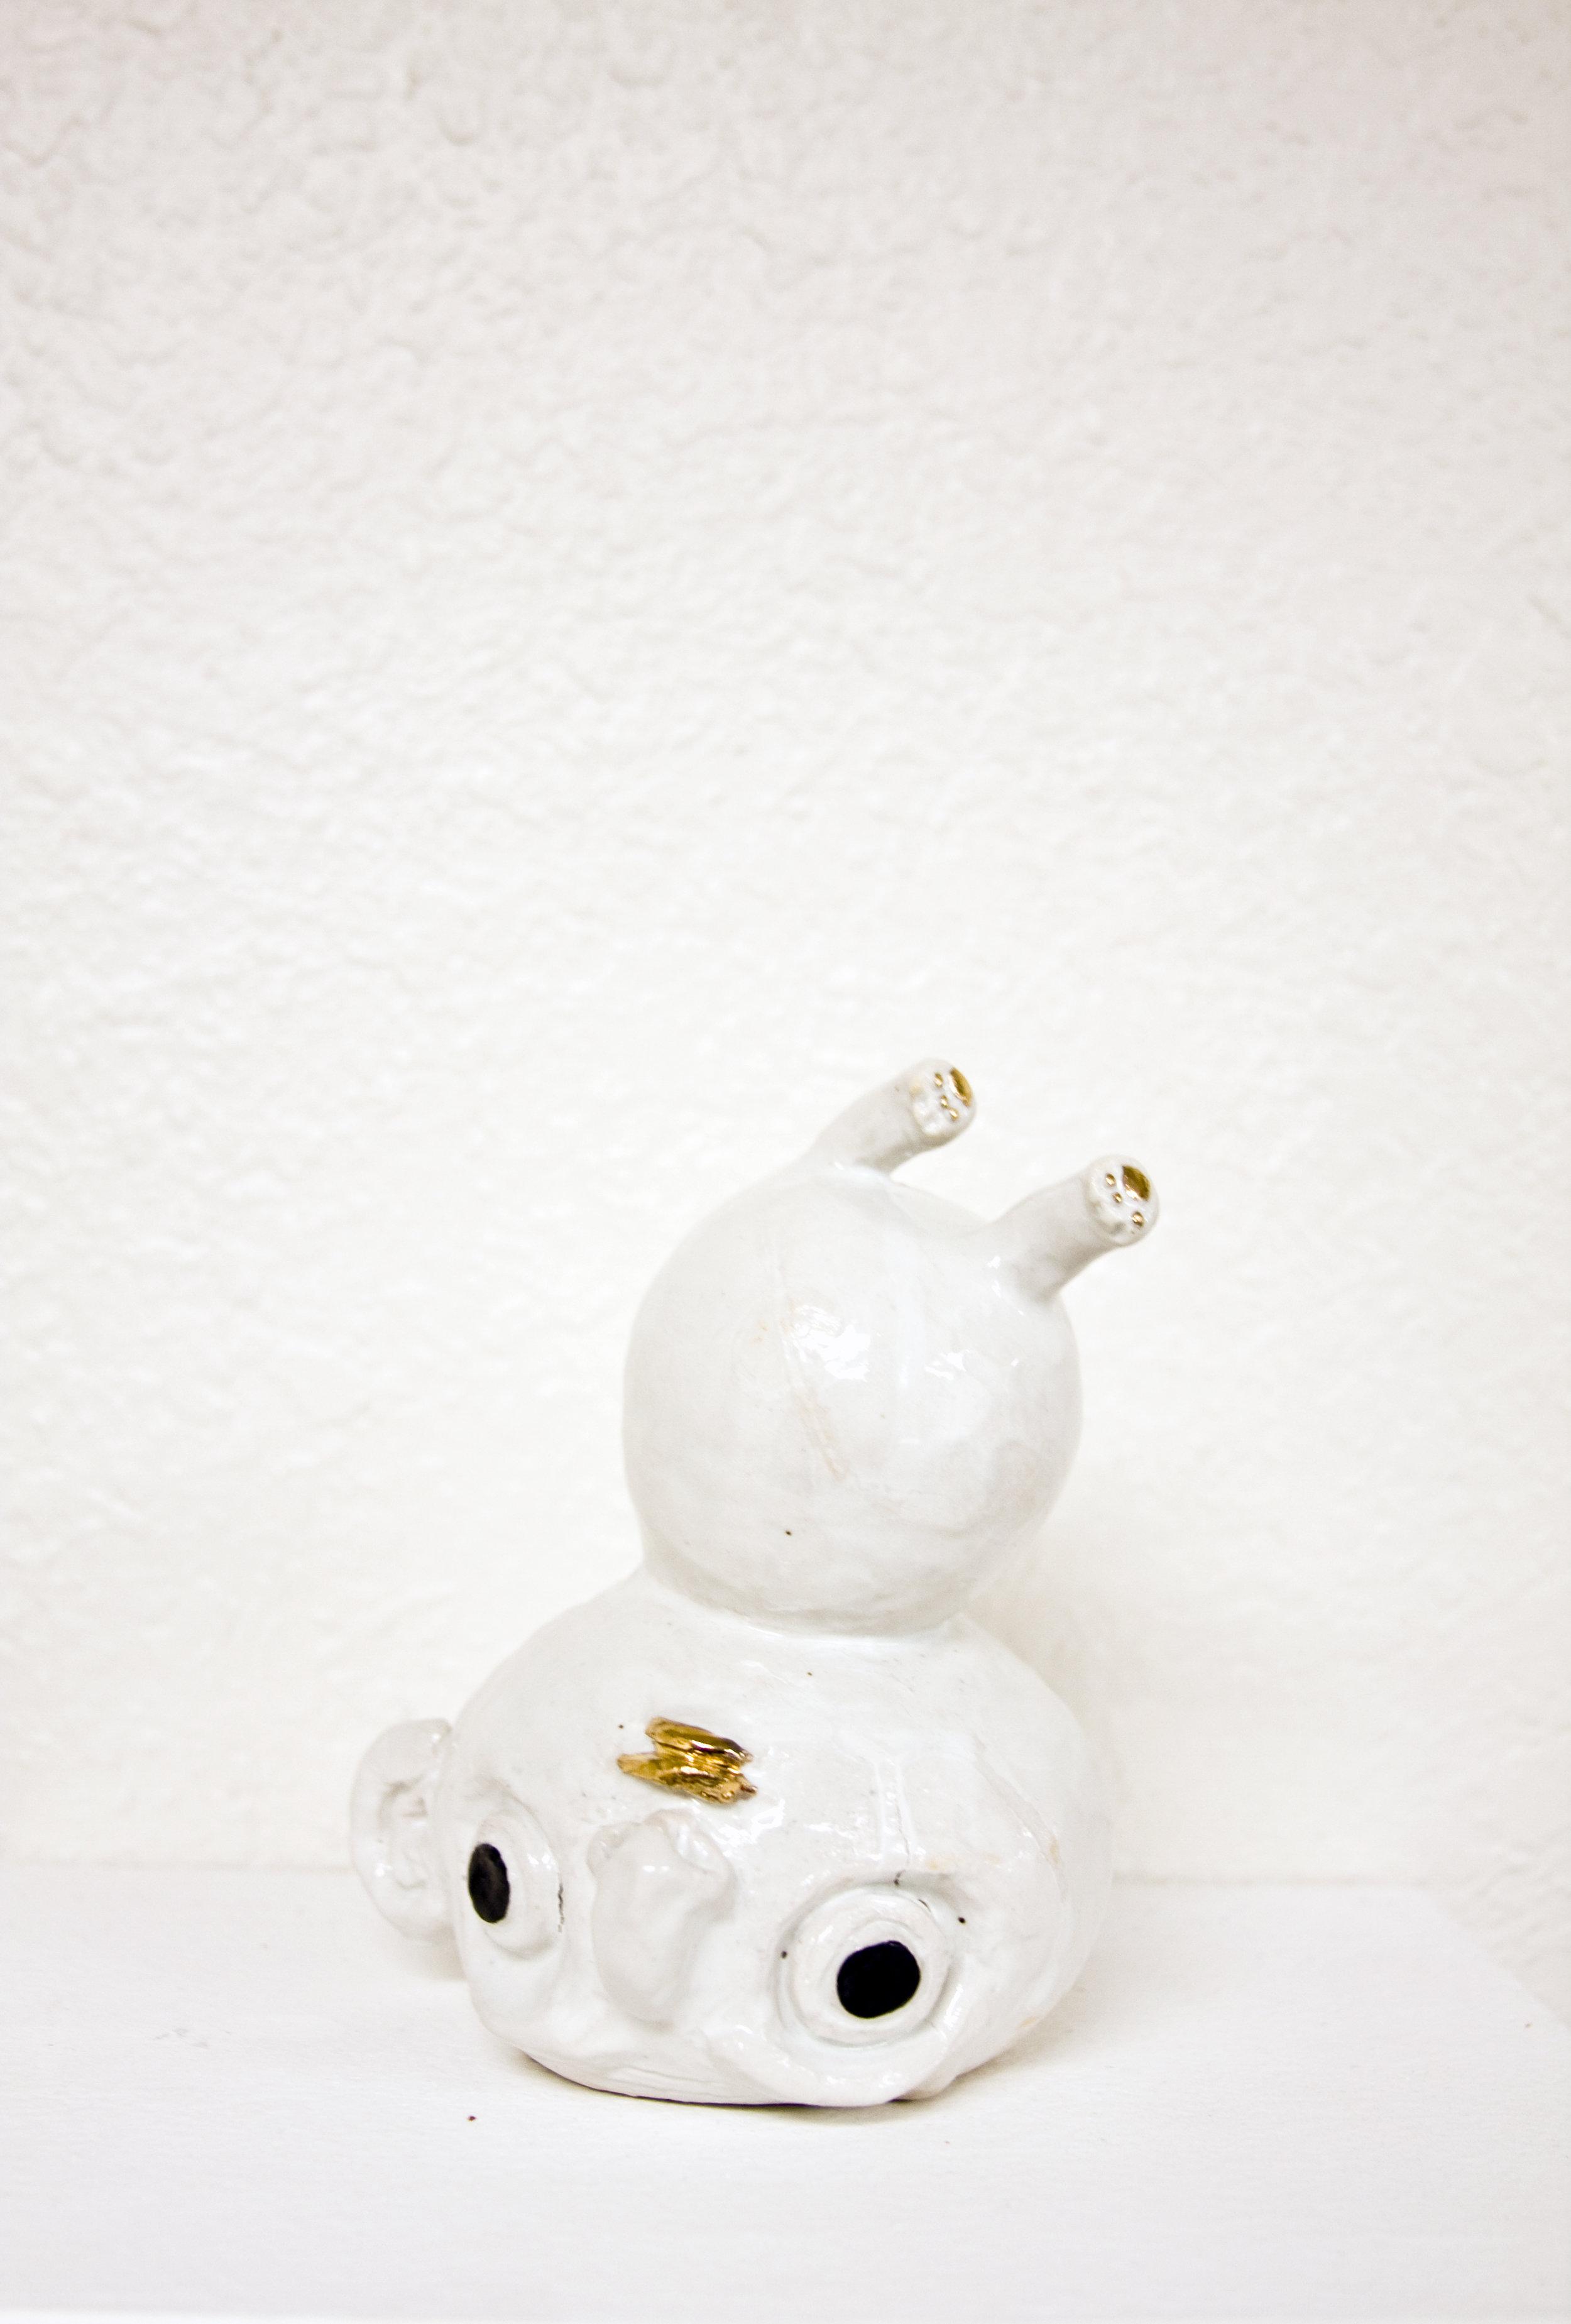 (Ceramic) - Ned600.jpg